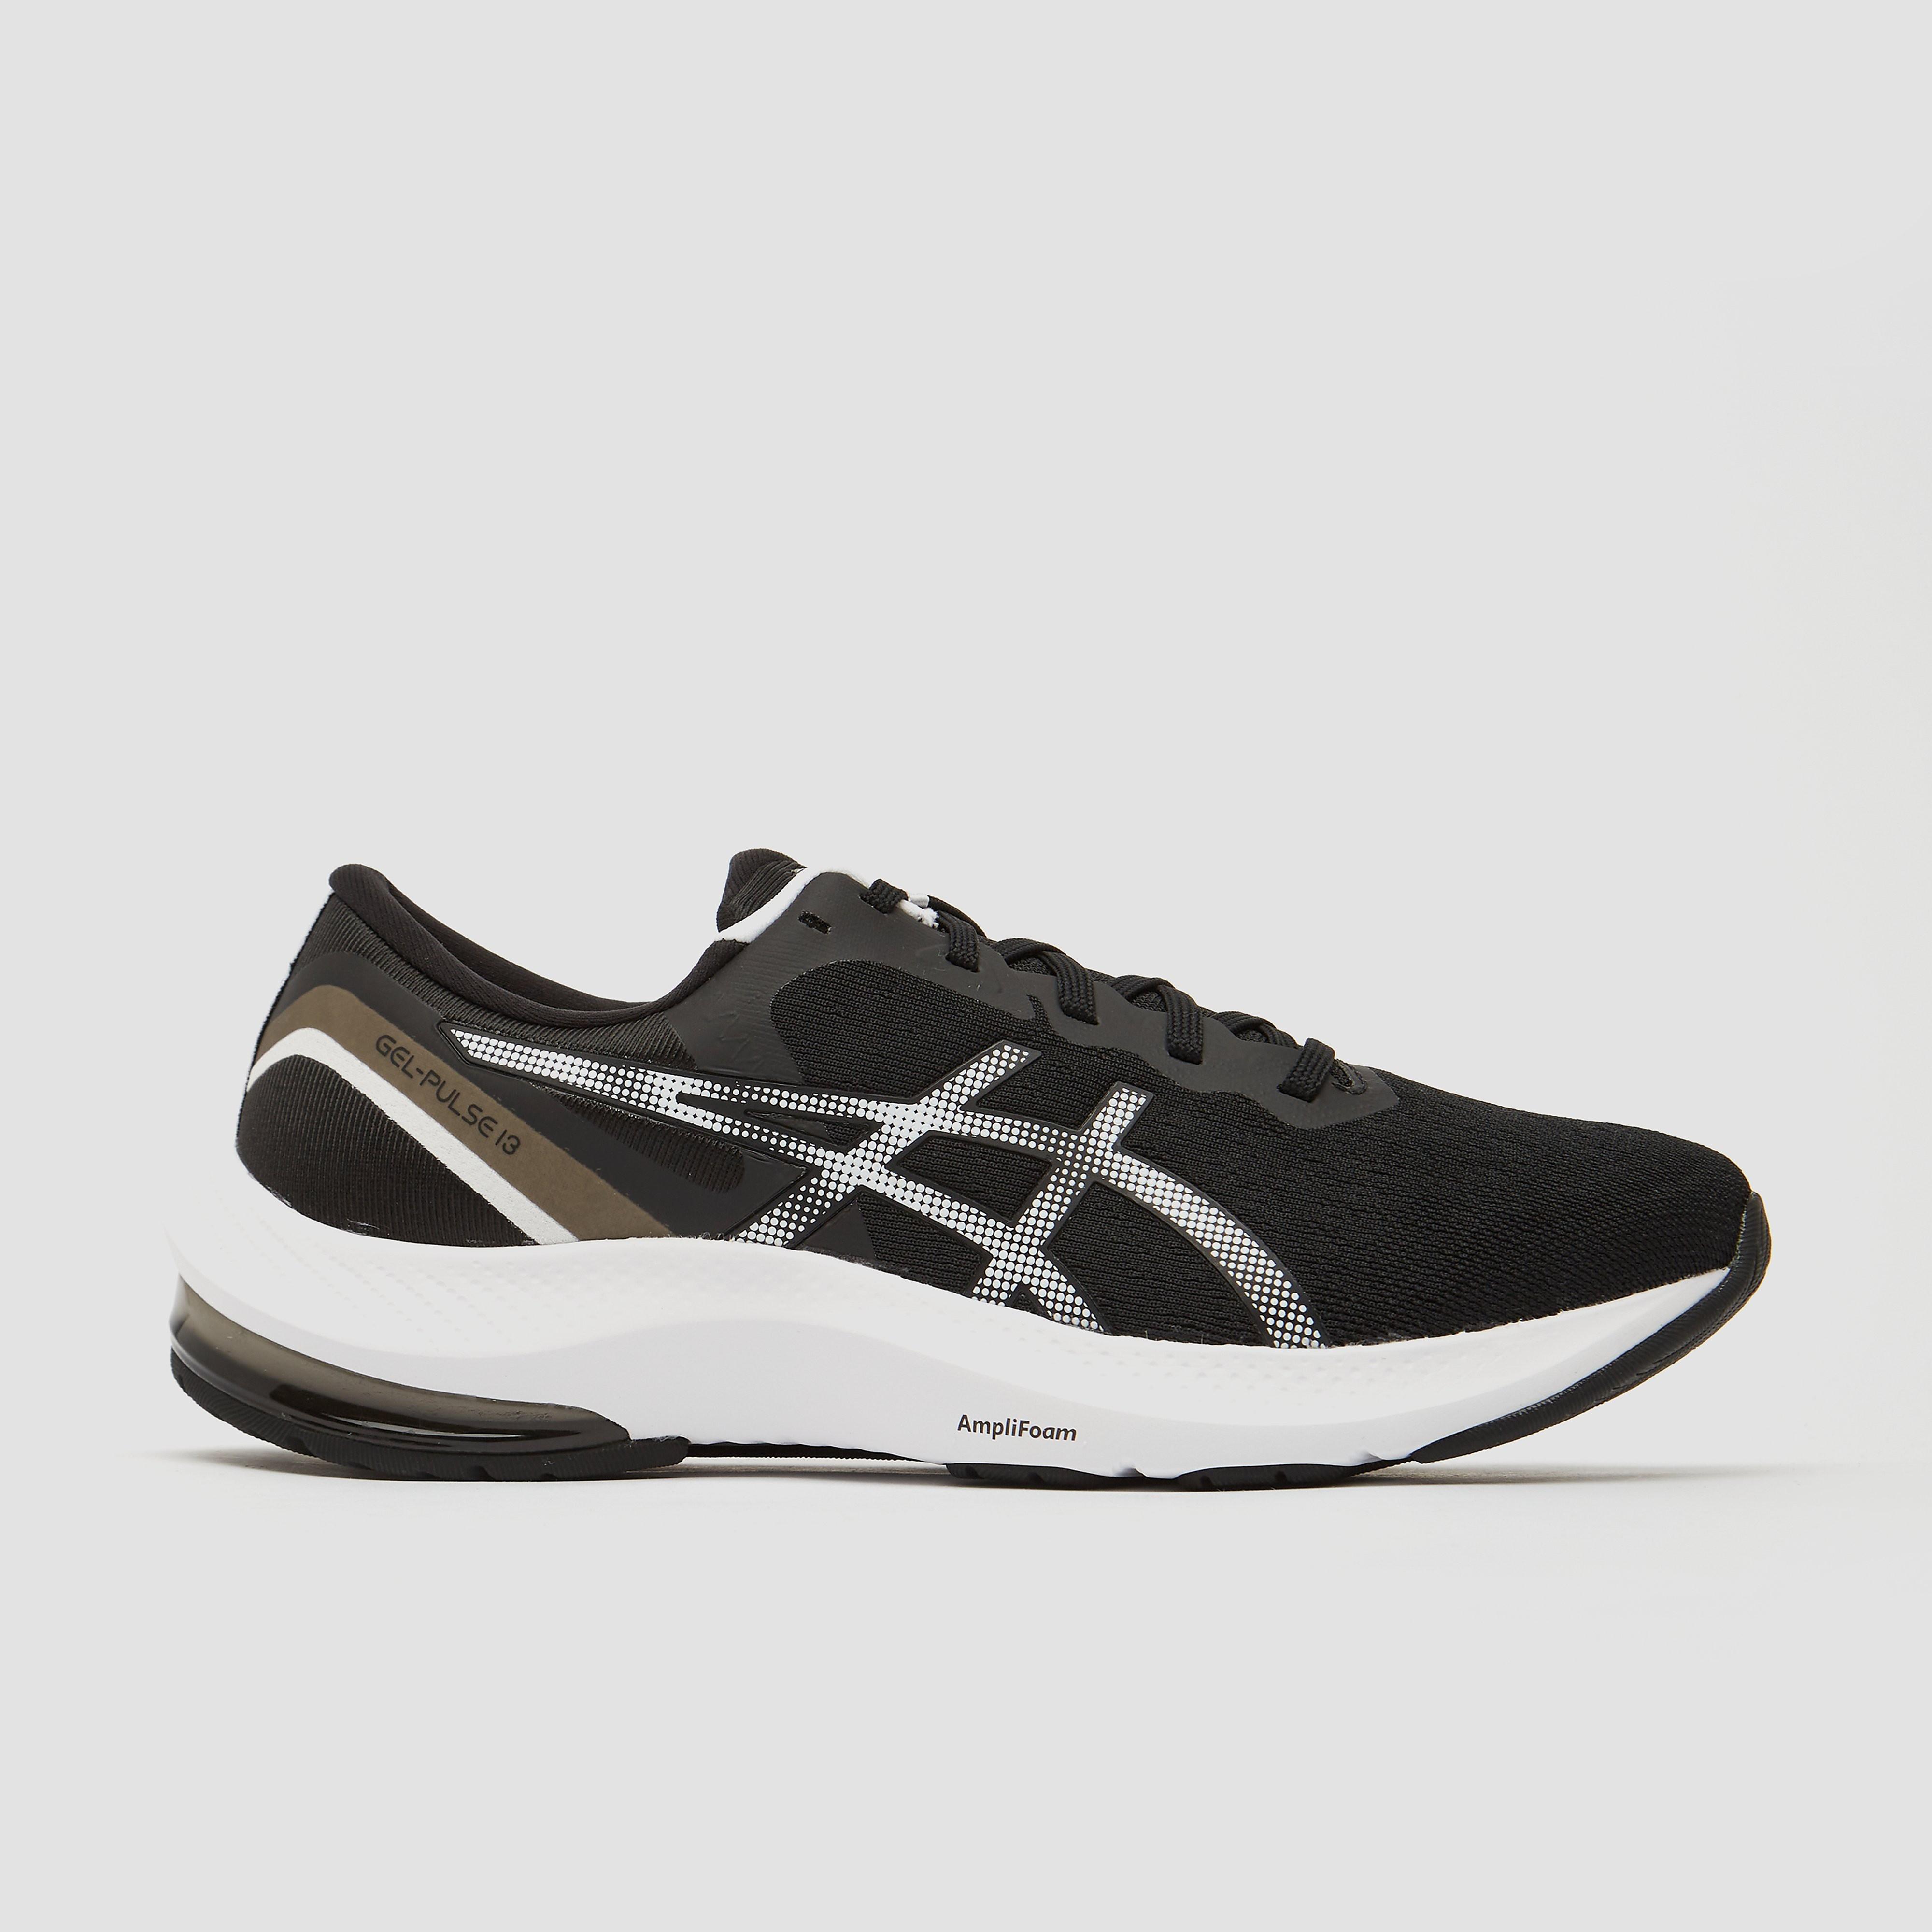 Asics gel-pulse 13 hardloopschoenen zwart/wit dames online kopen